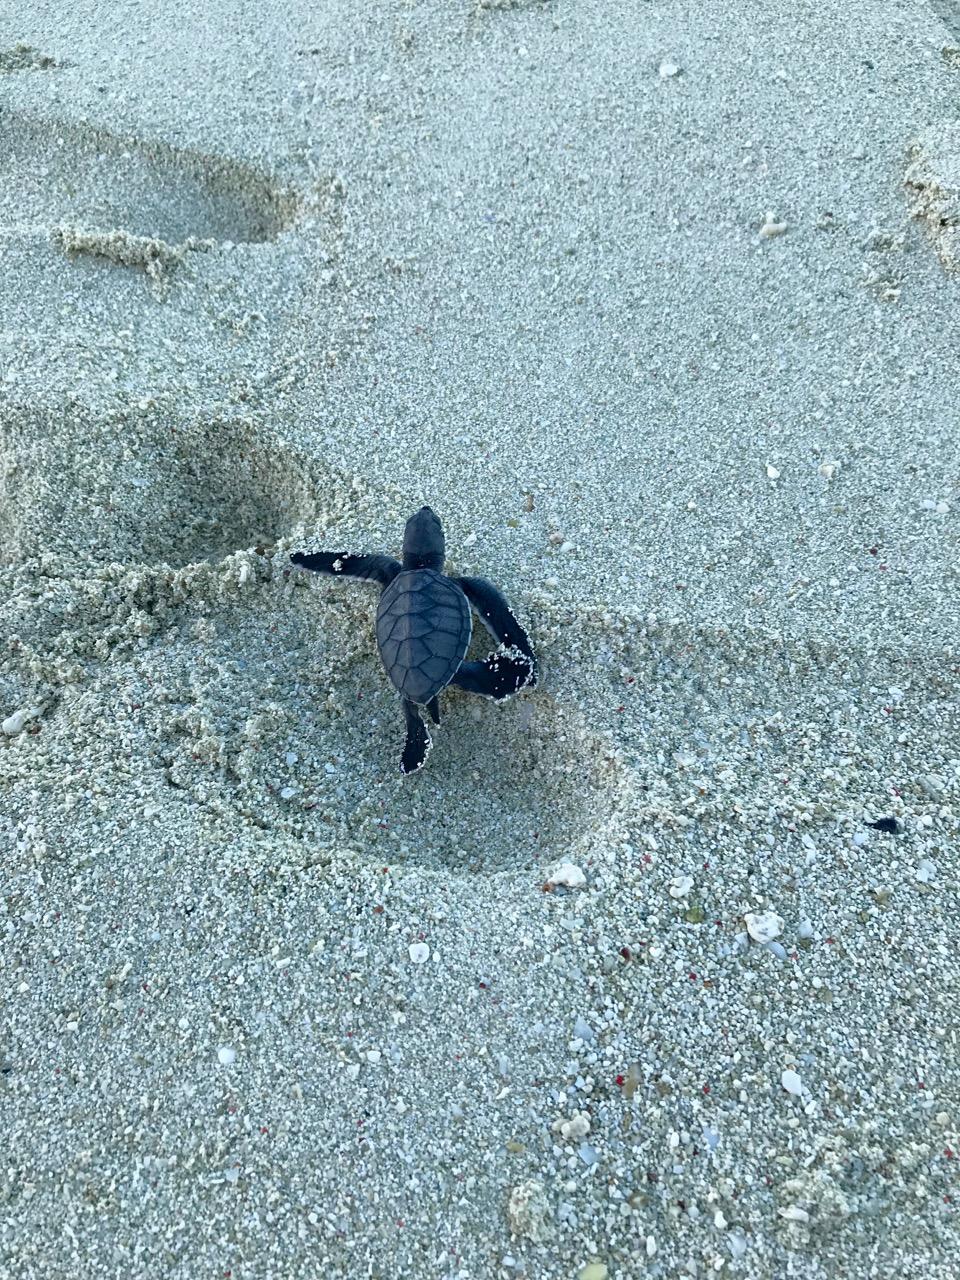 turtle in footprint.jpg